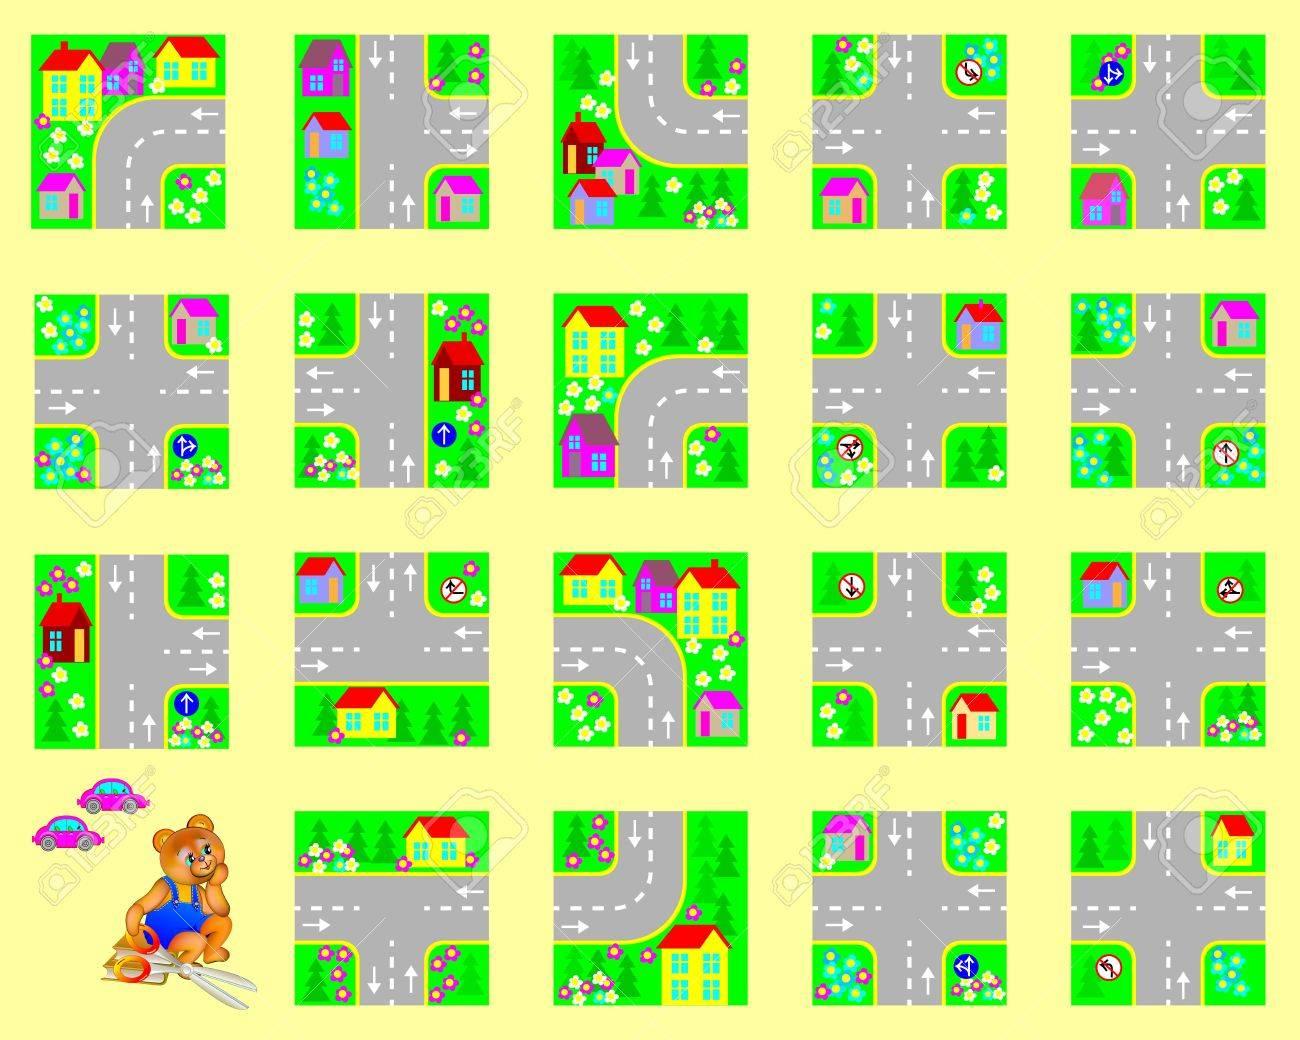 Modèle Avec L'exercice Pour Les Enfants. Couper Les Carrés, Faites Votre  Propre Village Avec Des Routes Et De Conduire Des Voitures De Jouet. avec Decoupage Pour Enfant